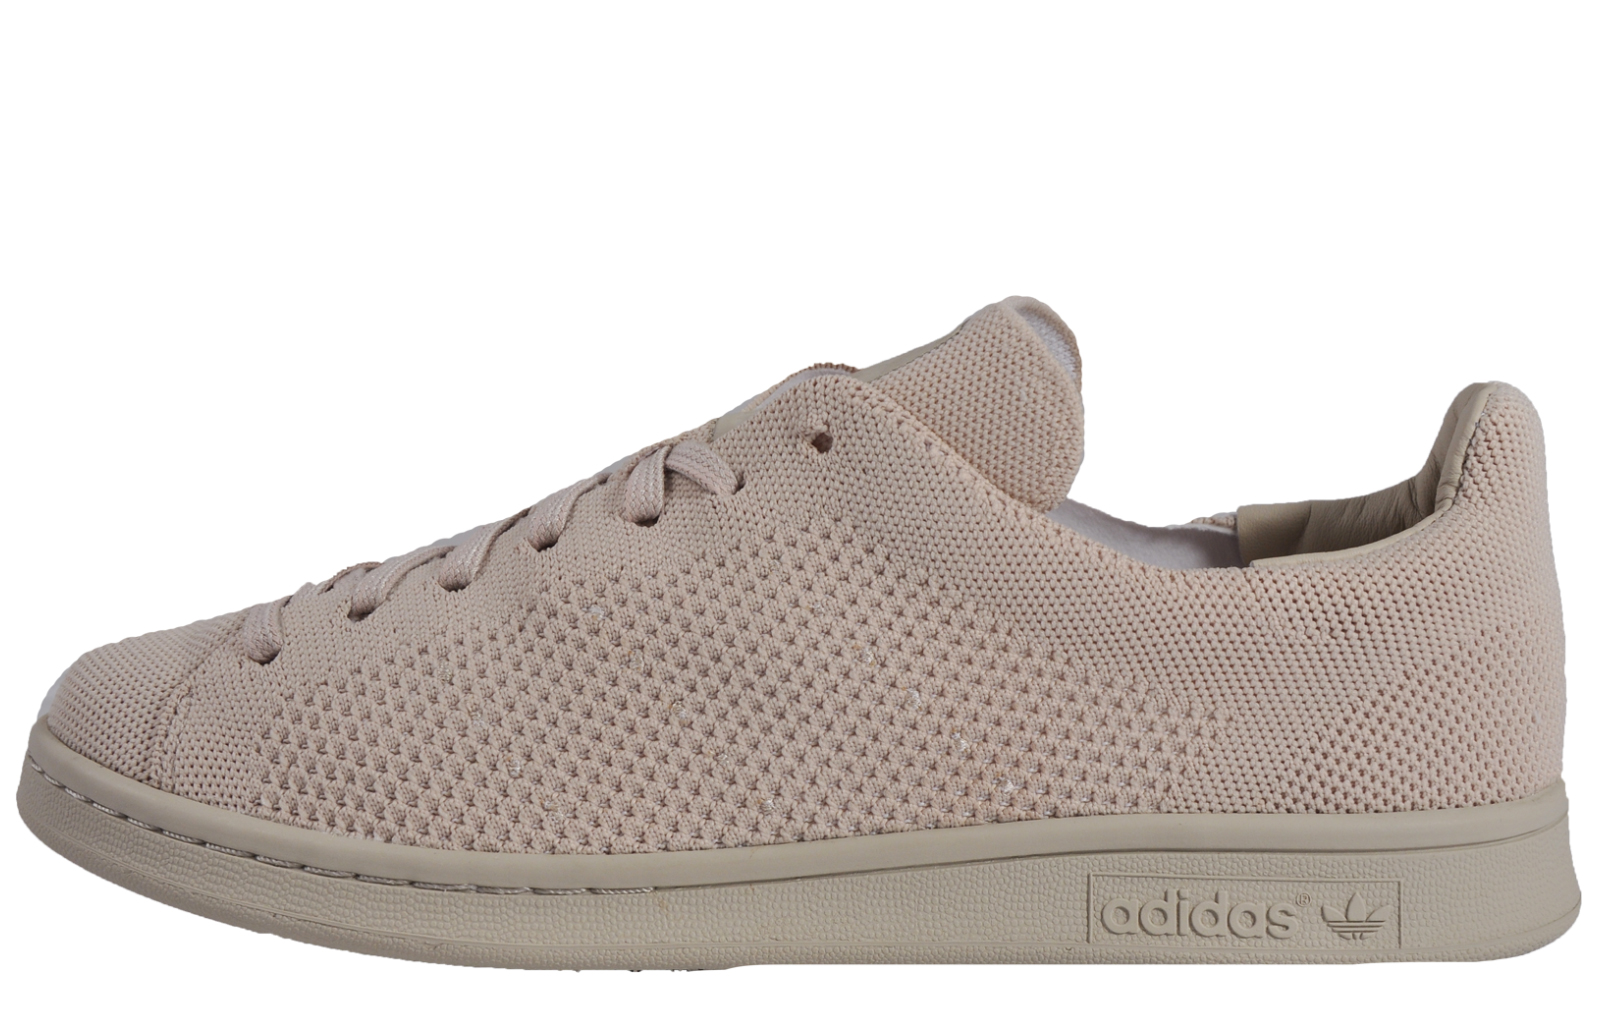 35 Adidas ZX Flux PK Primeknit White Mens Shoes Size 10.5